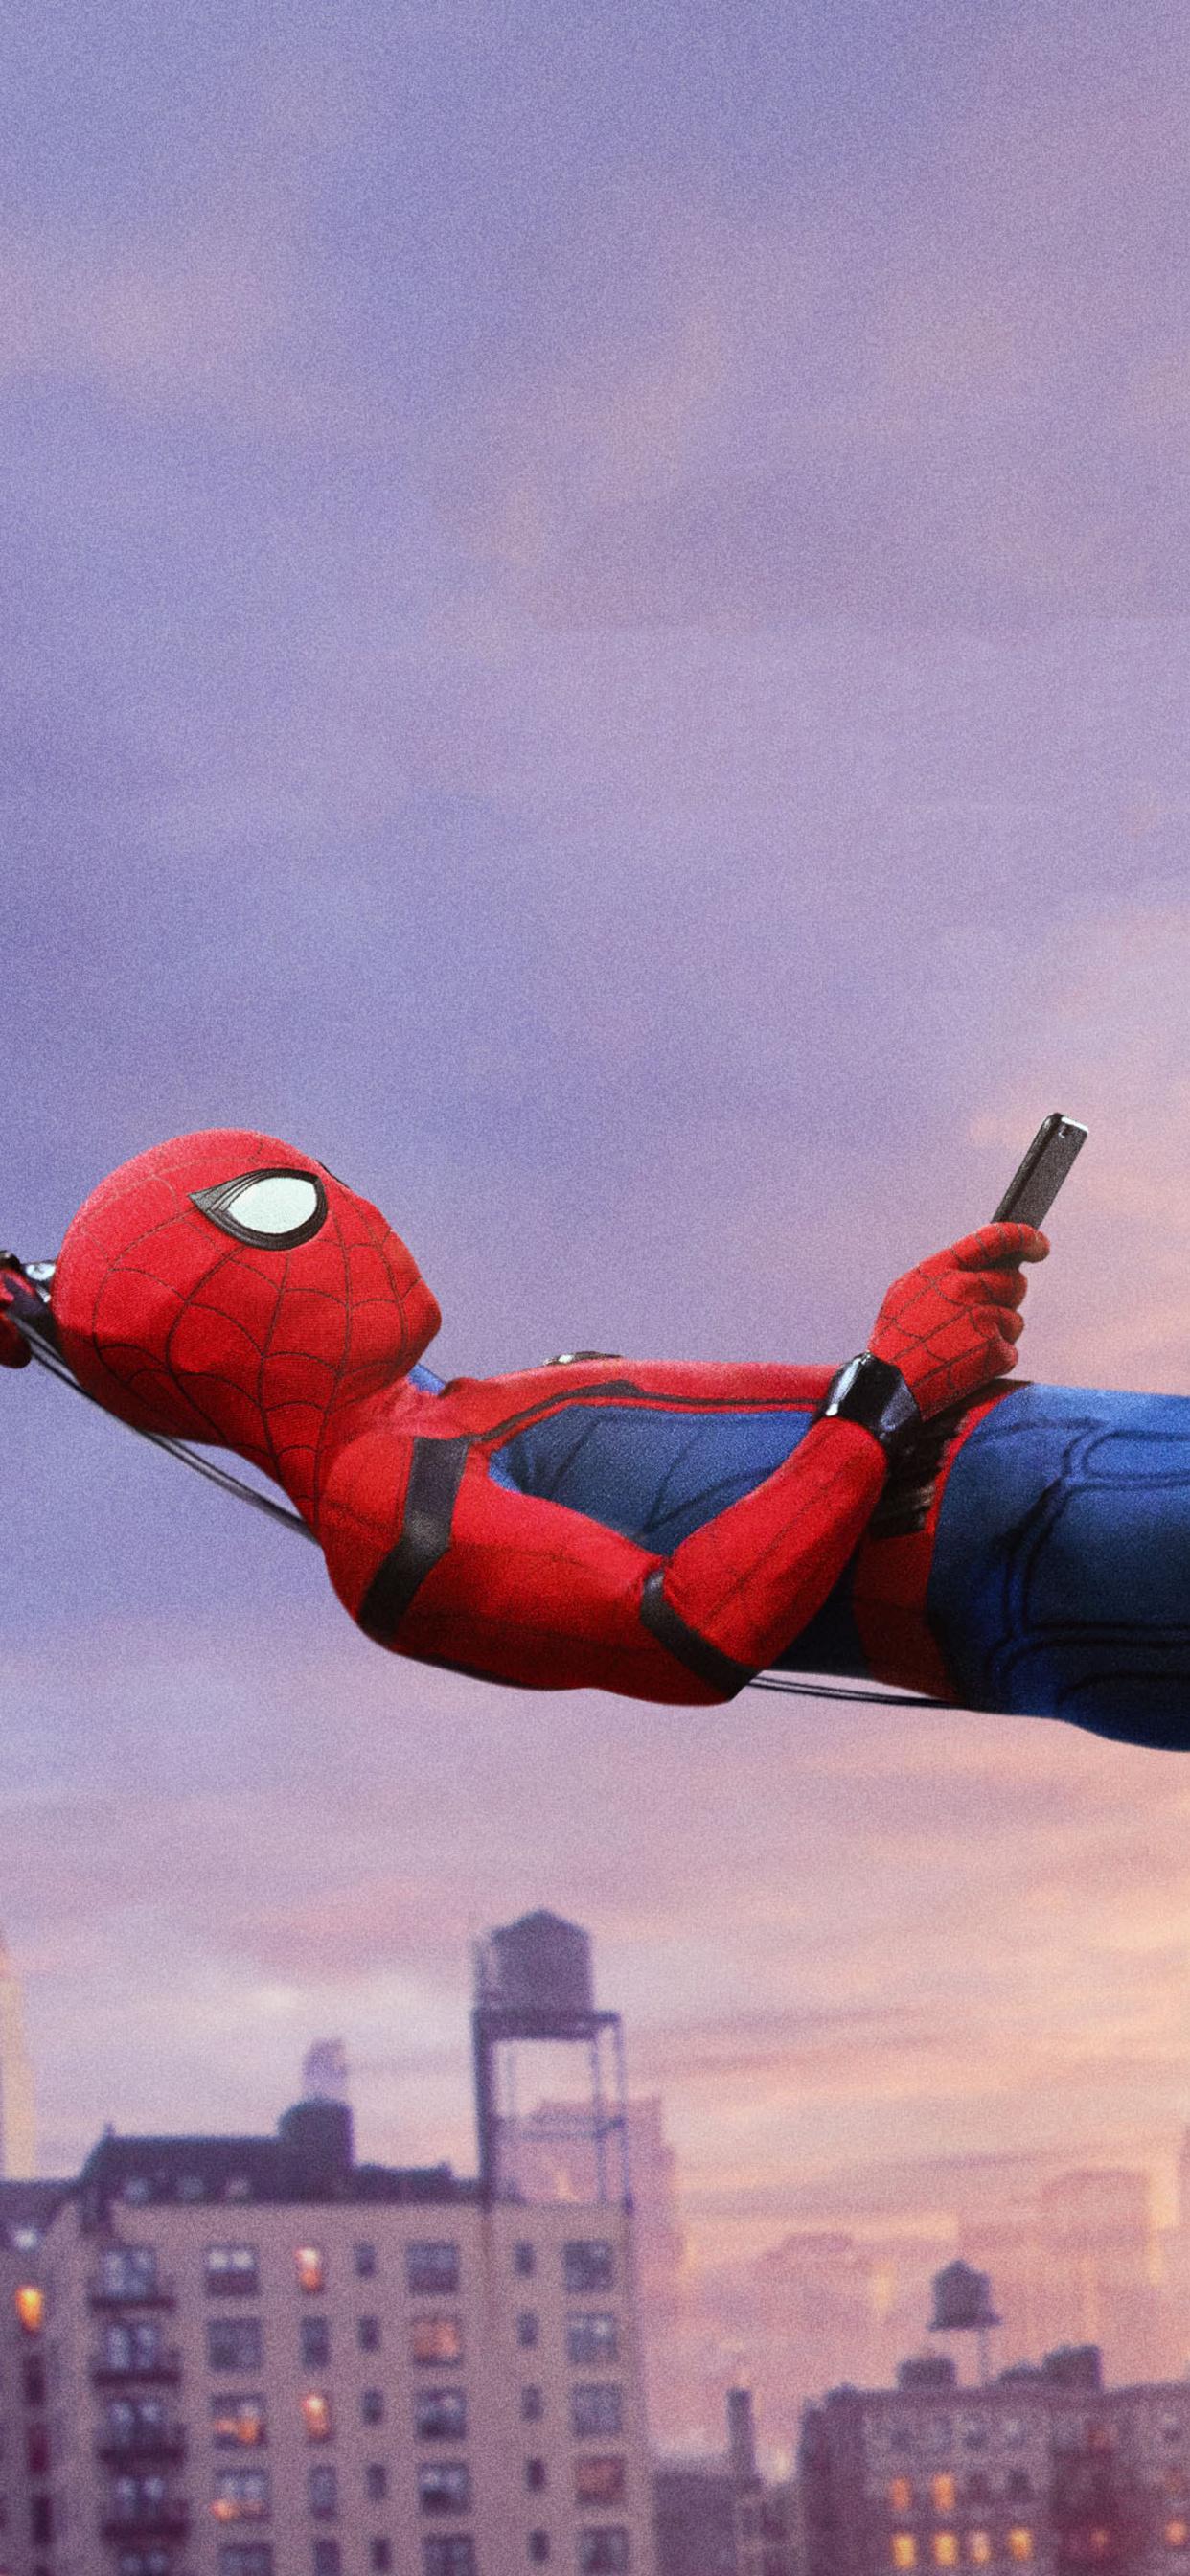 1242x2688 4k Spiderman Iphone Xs Max Hd 4k Wallpapers